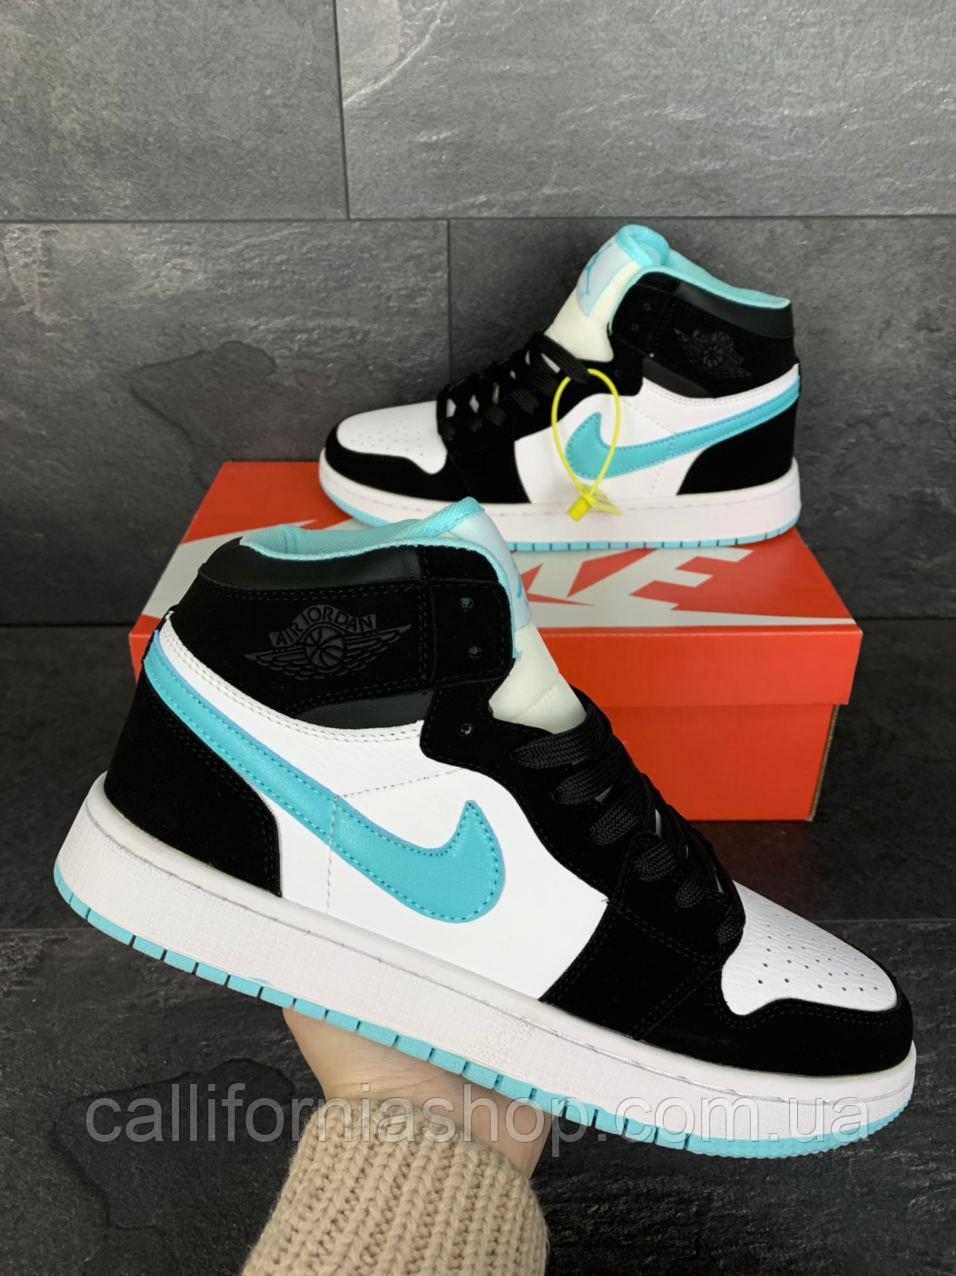 Кроссовки мужские Nike Air Jordan 1 Retro Найк Аир Джордан 1 Ретро белые с мятным